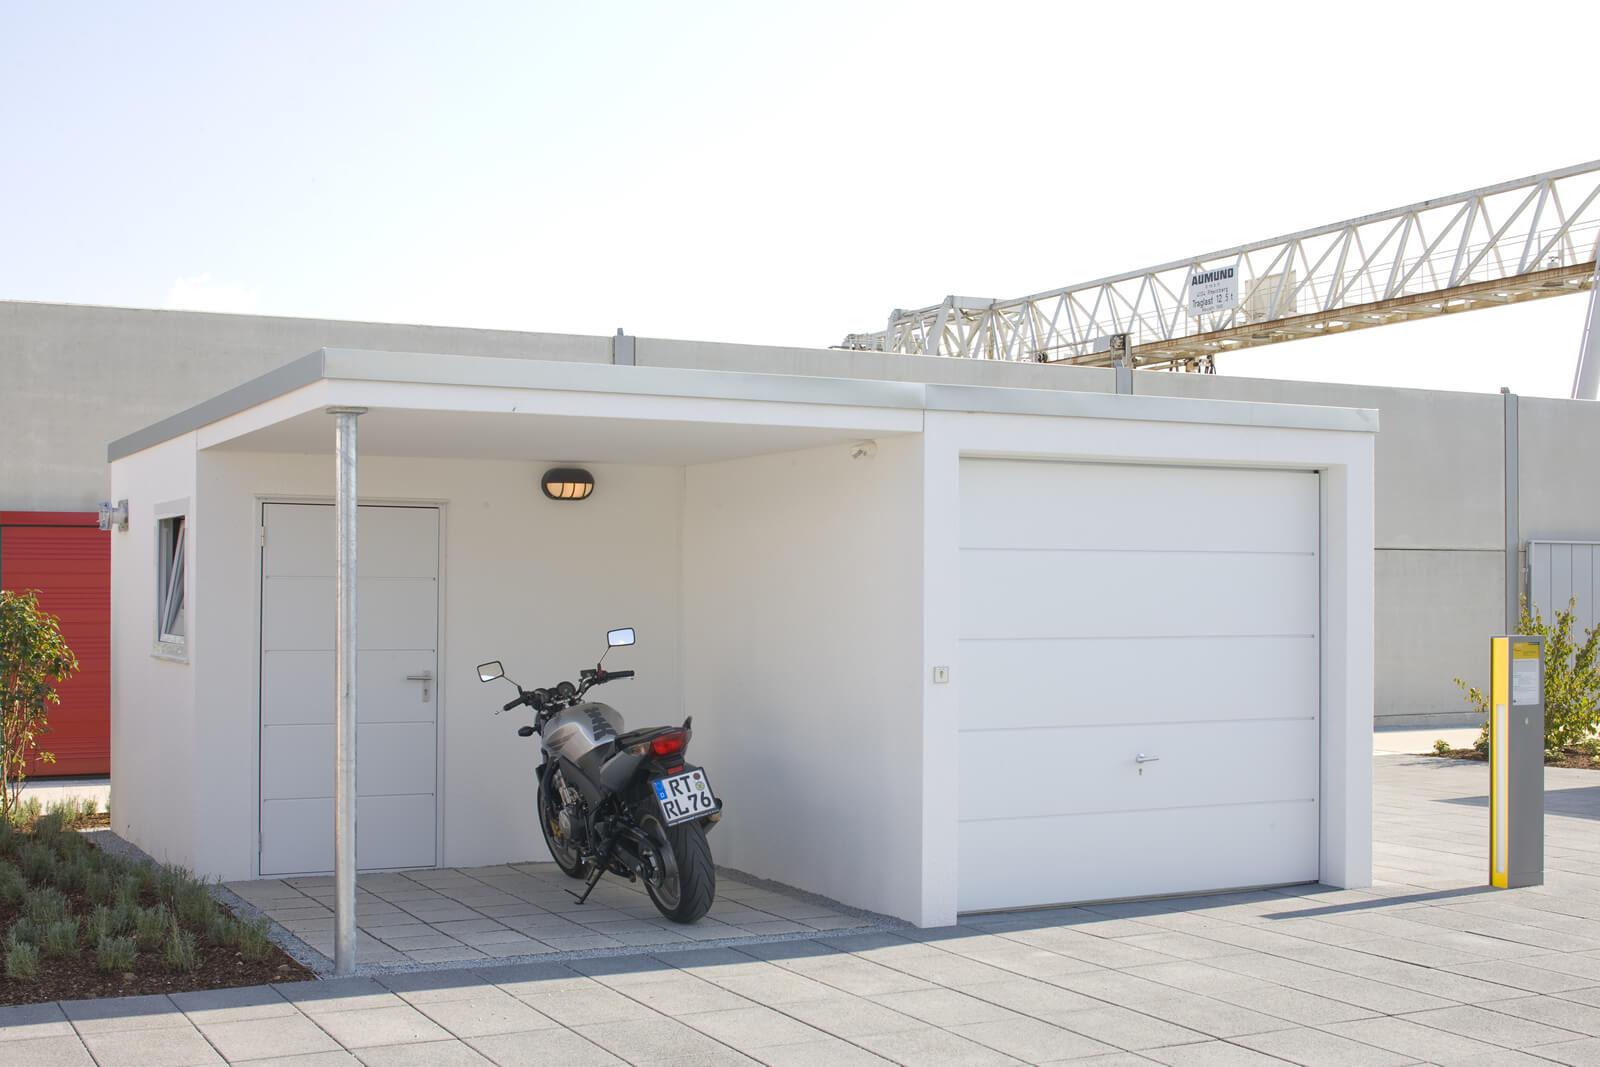 Fertiggarage beton gewicht  Einzelgarage als Beton-Fertiggarage